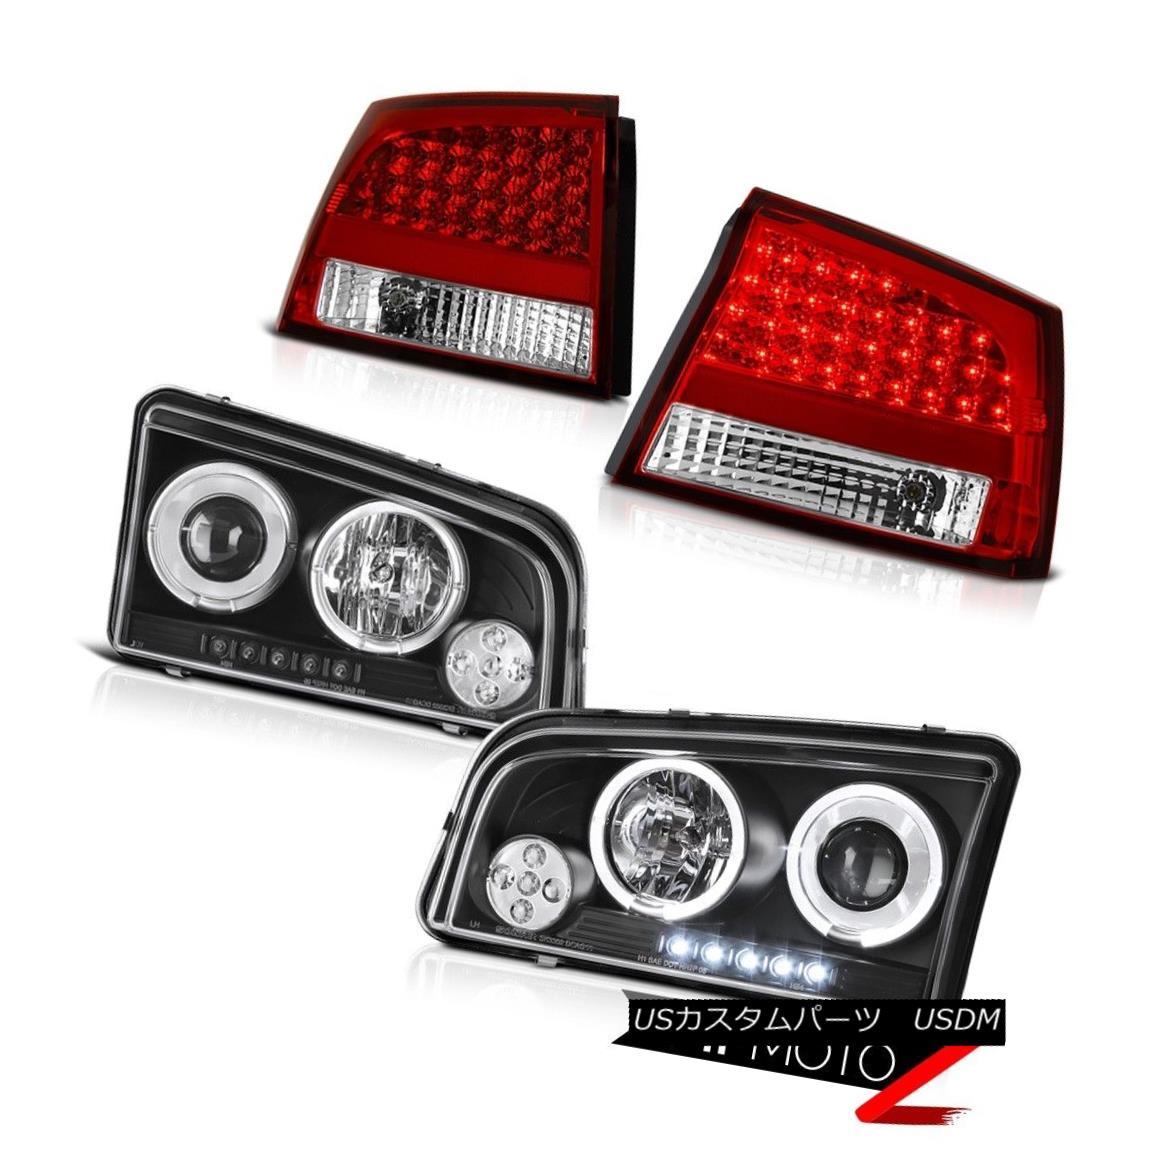 テールライト 06-08 Charger SE Dual Halo Rim Angel Eye Projector Headlight Red LED Tail Lights 06-08充電器SEデュアルハローリムエンジェルアイプロジェクターヘッドライトレッドLEDテールライト